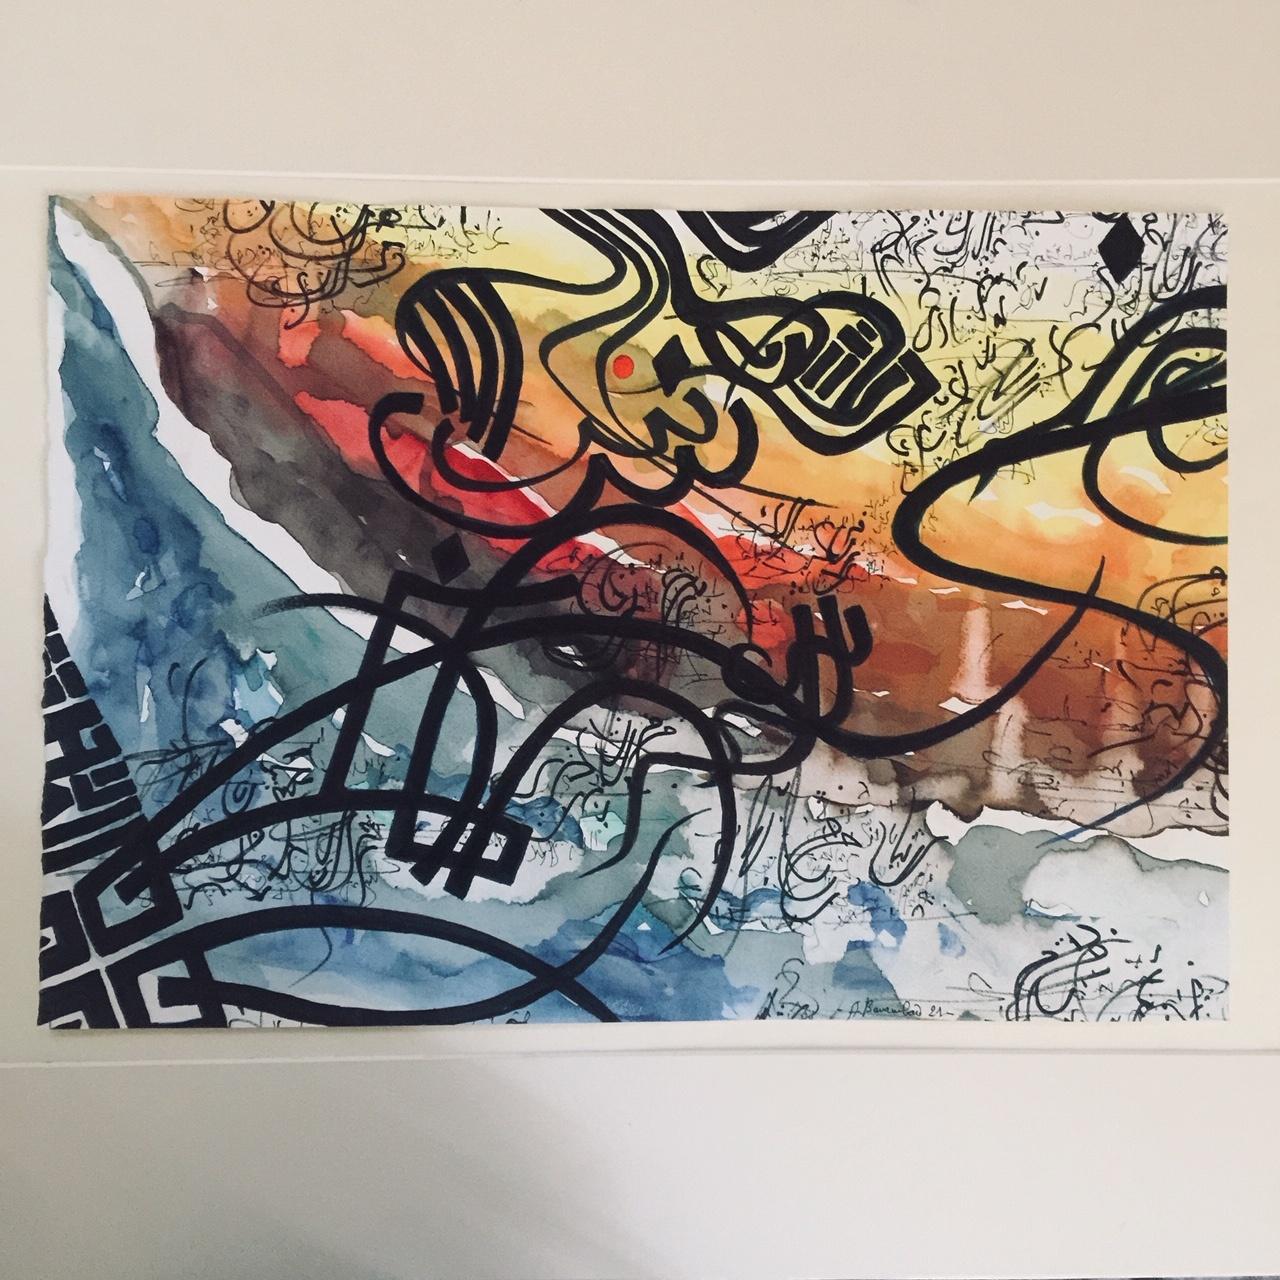 Kunst Kalligrafie Religion Ausstellung Bouzoubaa kalligrafie kunst junge kunst online die sonne scheint für alle love artwork